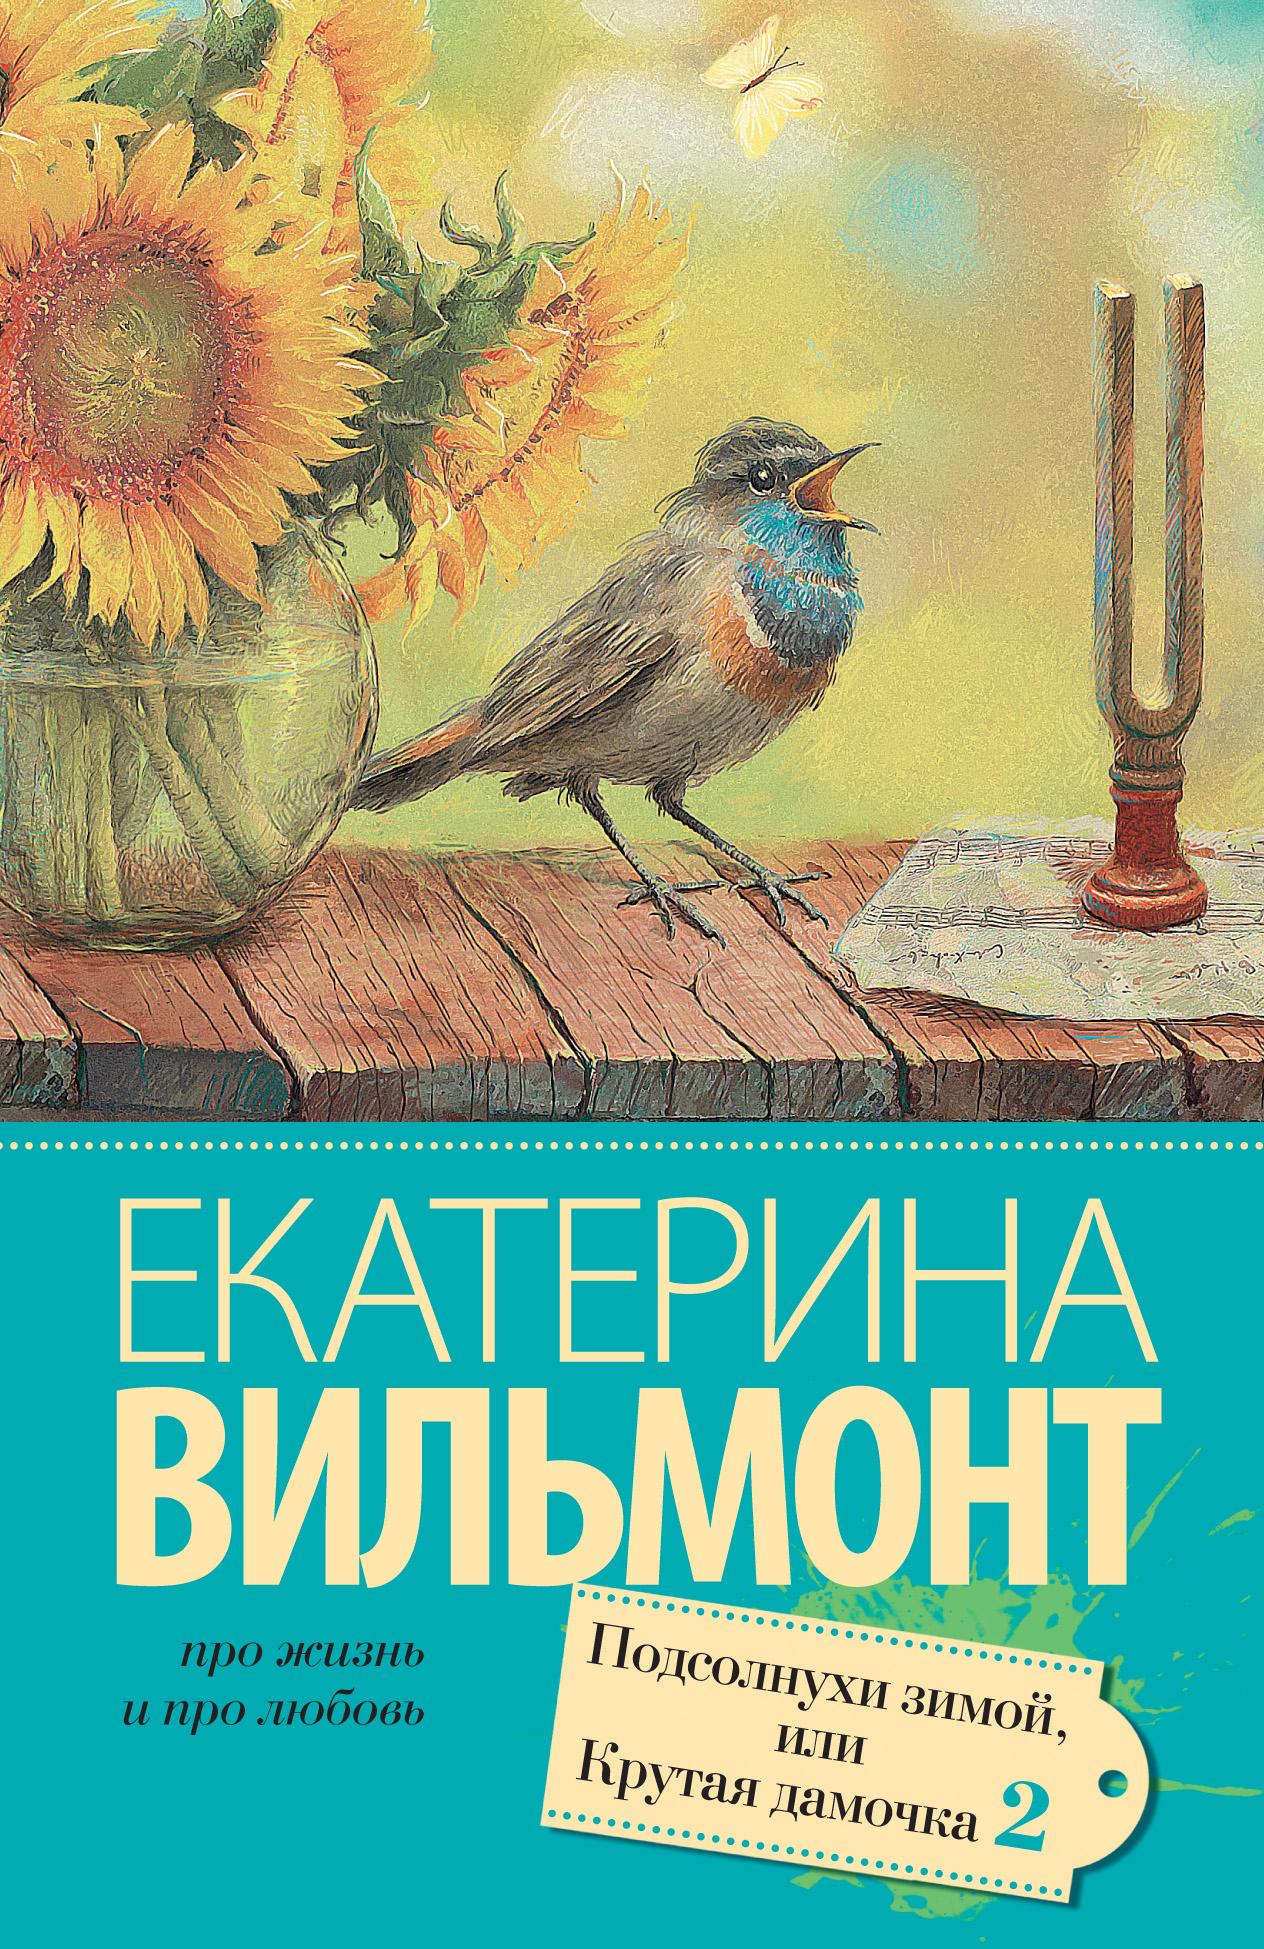 Екатерина Вильмонт Подсолнухи зимой (Крутая дамочка - 2) тайны 144 катастроф или русский рокамболь